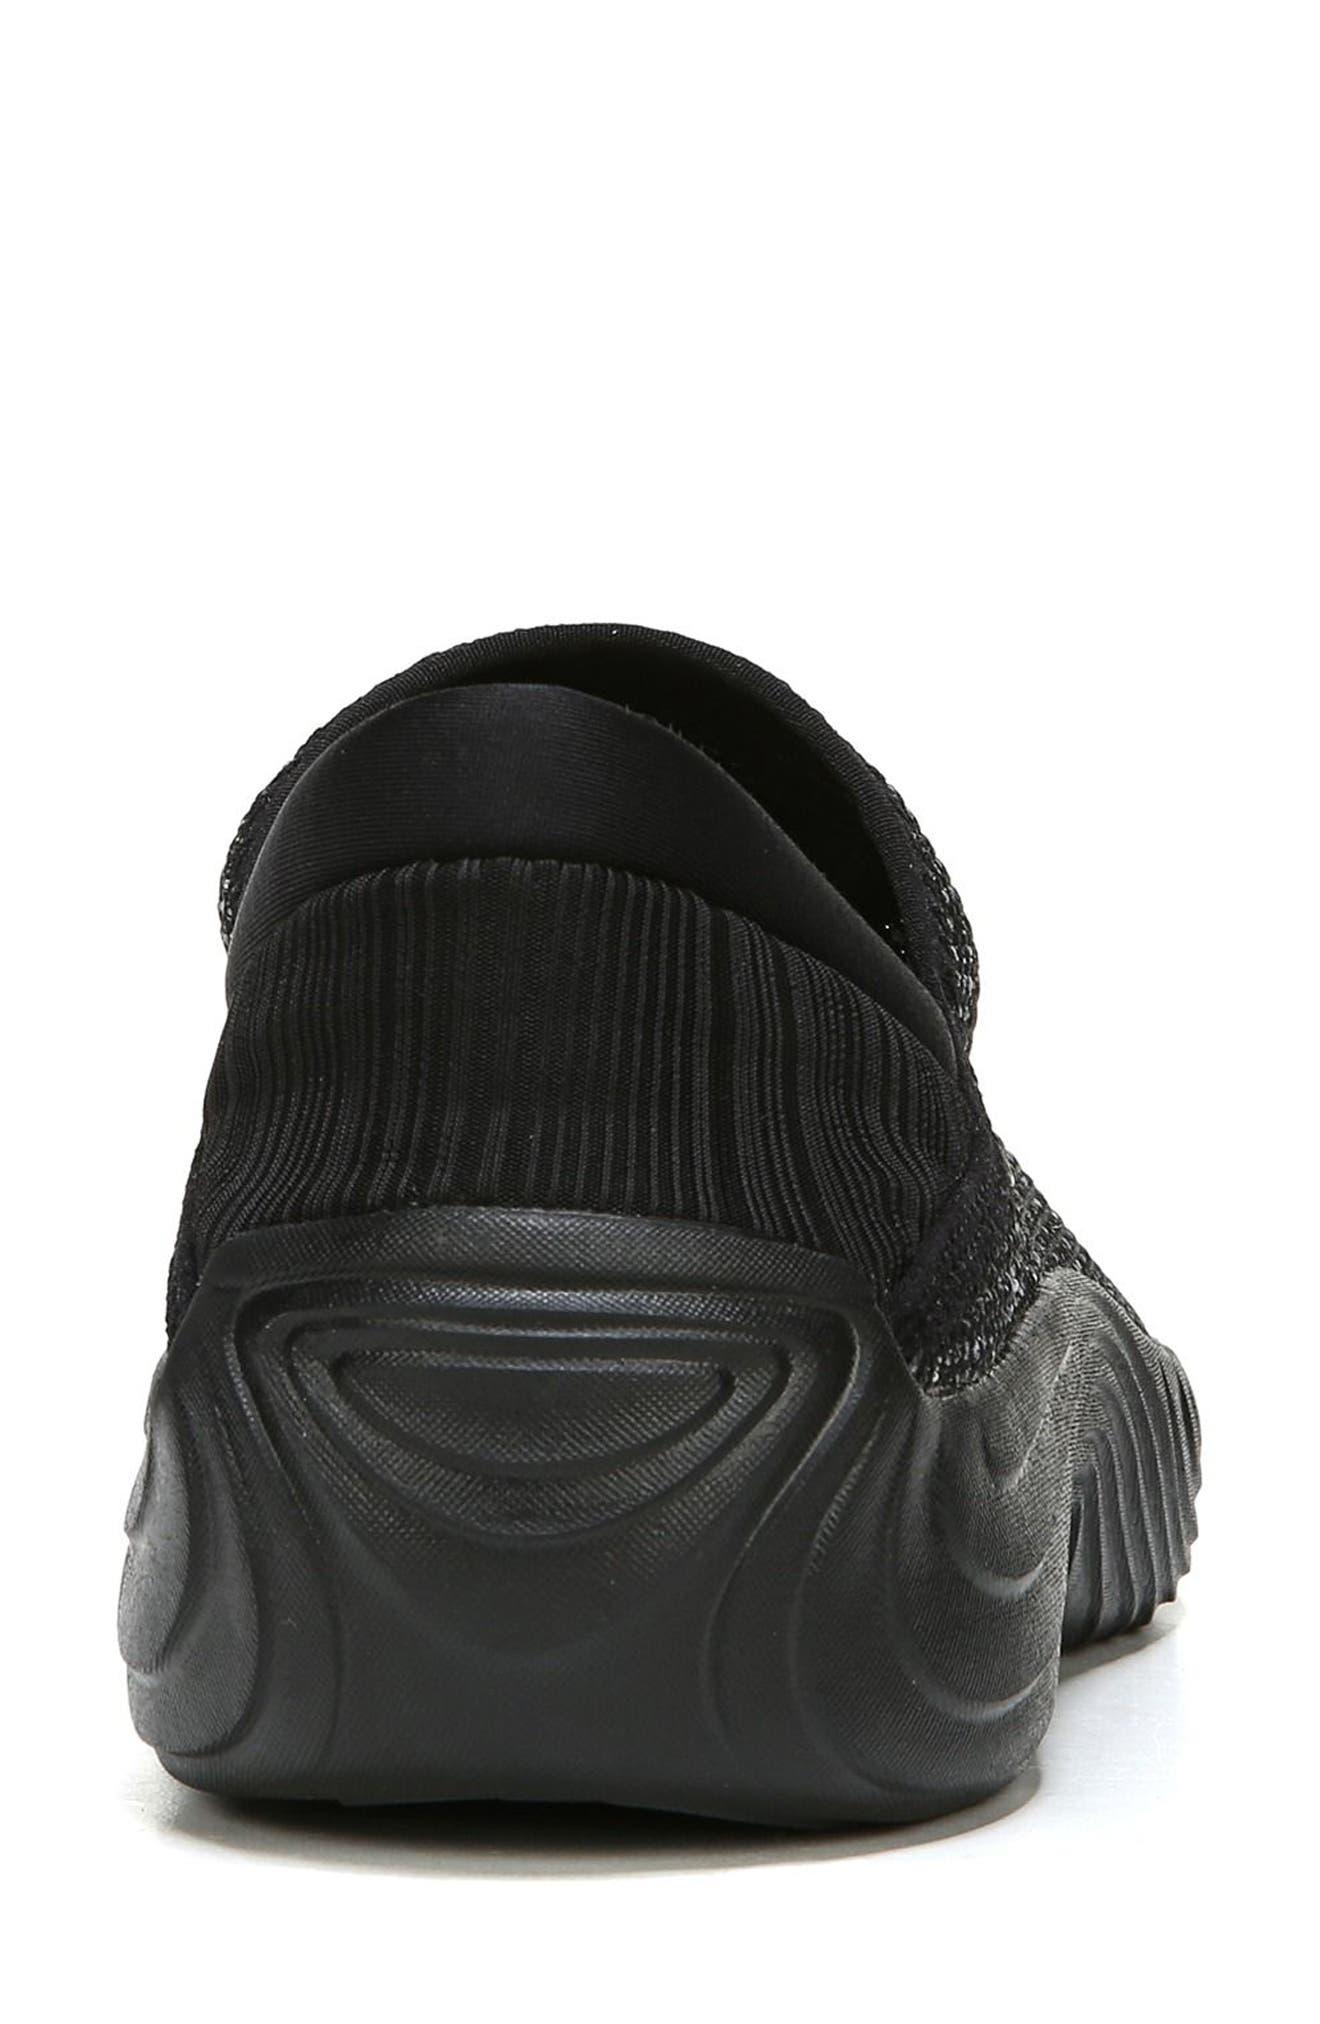 Topaz Slip-On Sneaker,                             Alternate thumbnail 7, color,                             BLACK FABRIC